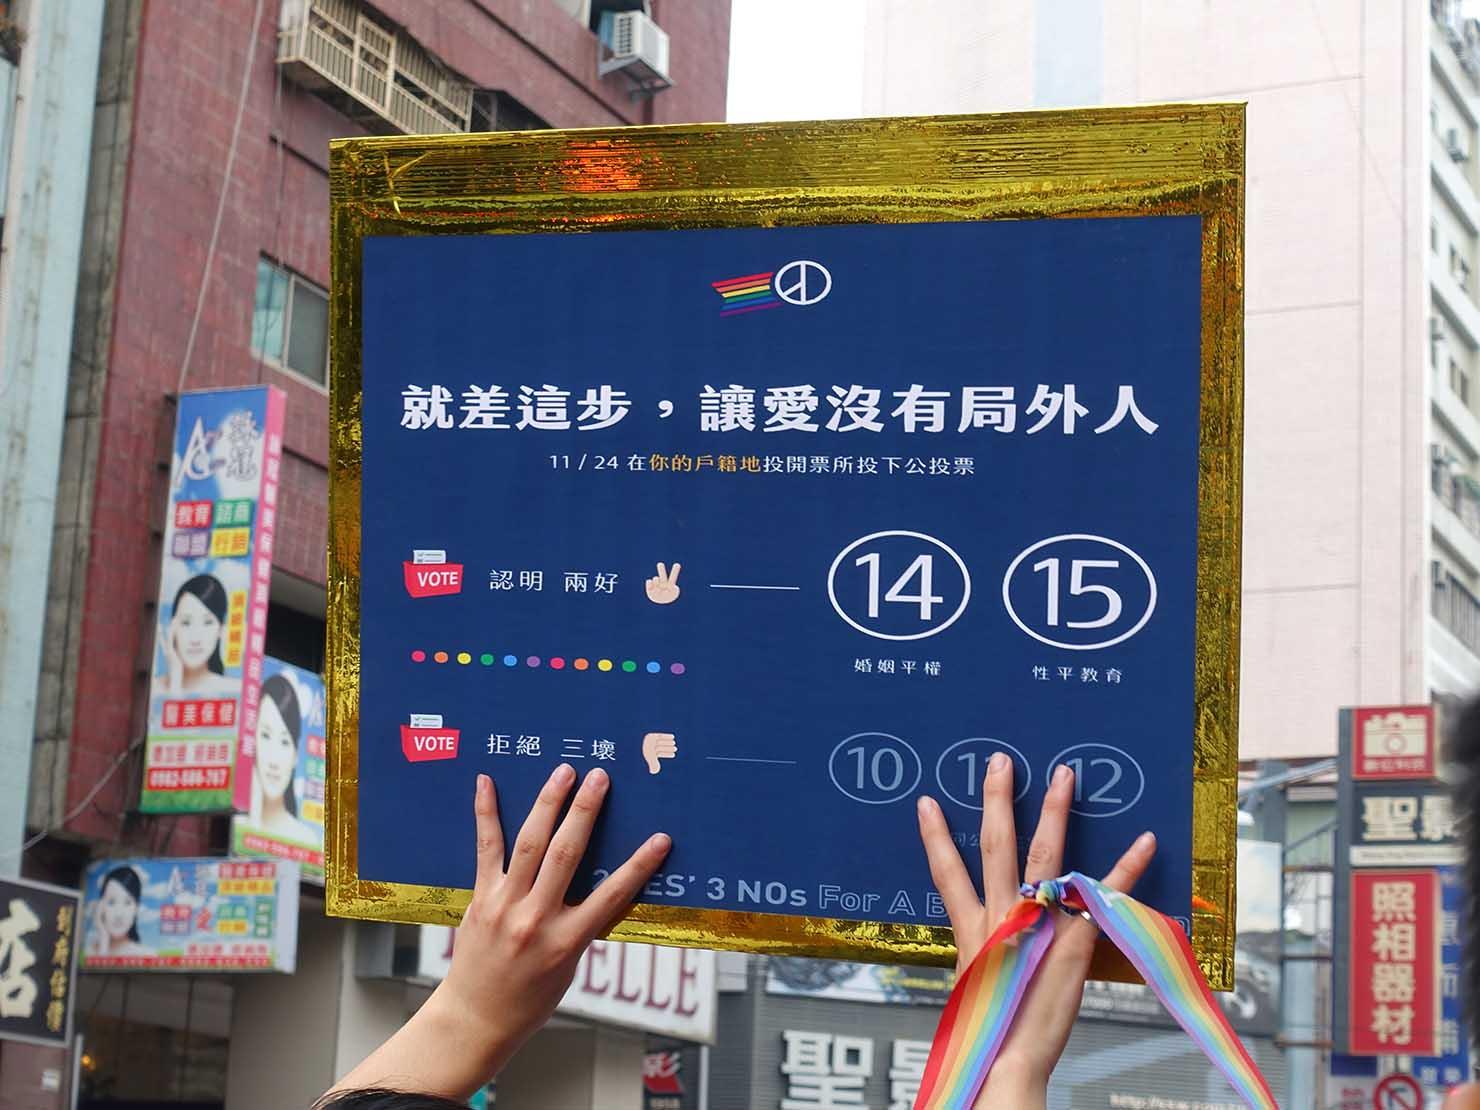 台中同志遊行(台中LGBTプライド)2018パレードで掲げられた国民投票に関するプラカード